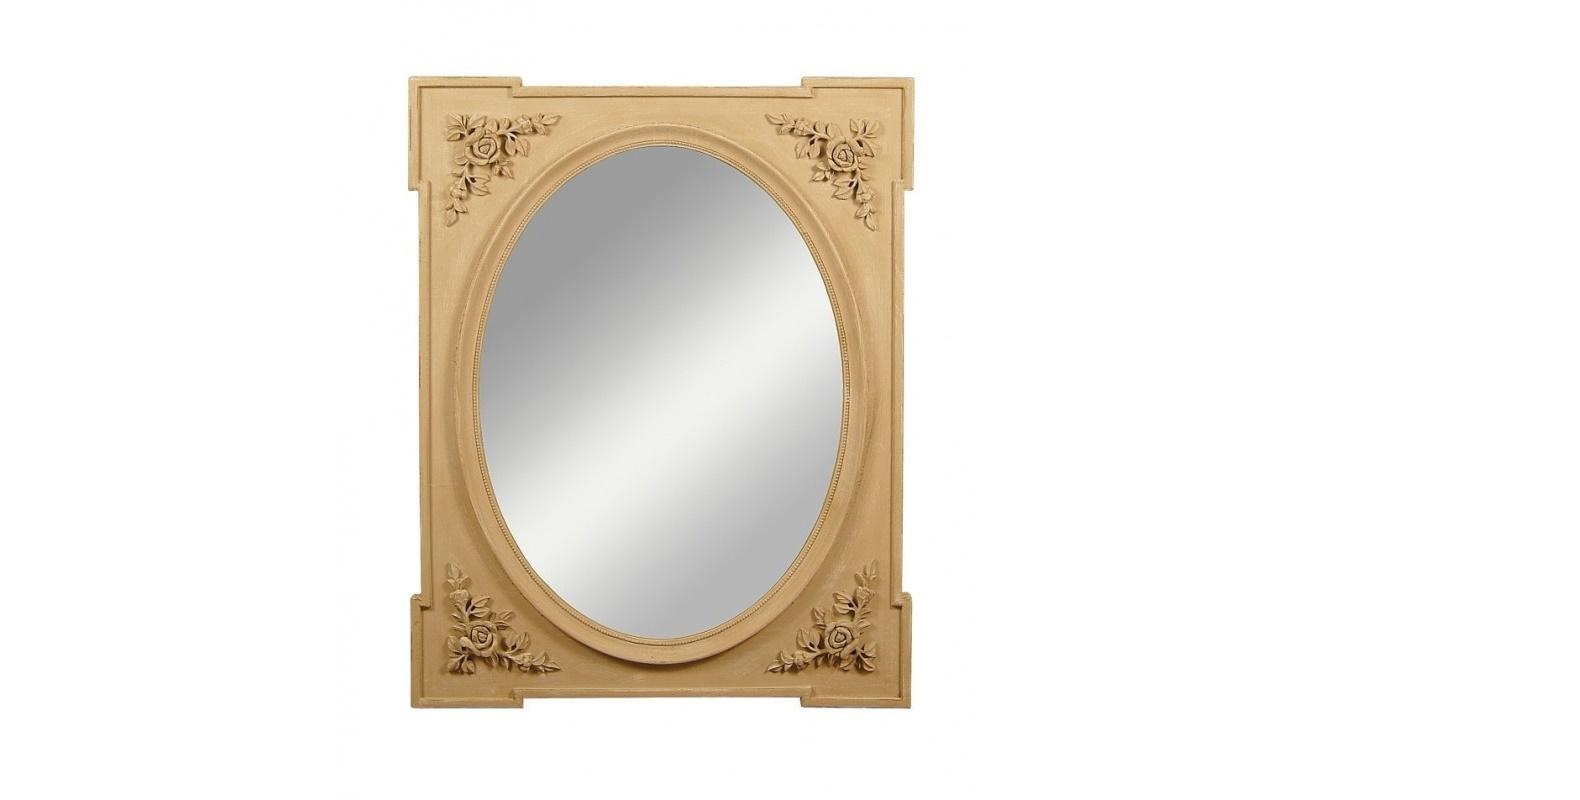 Зеркало EleonoraНастенные зеркала<br>Eleonora сочетает в себе классические традиции и солнечную прованскую стилистику. Овальное зеркало в раме прямоугольной формы создает лаконичный и простой силуэт. Модель украшена лепниной в виде изысканных цветов. Такие романтичные штрихи привнесут в пространство теплоту и душевность, чего так не хватает современным интерьерам.&amp;amp;nbsp;<br><br>Material: МДФ<br>Width см: 80<br>Depth см: 3<br>Height см: 100